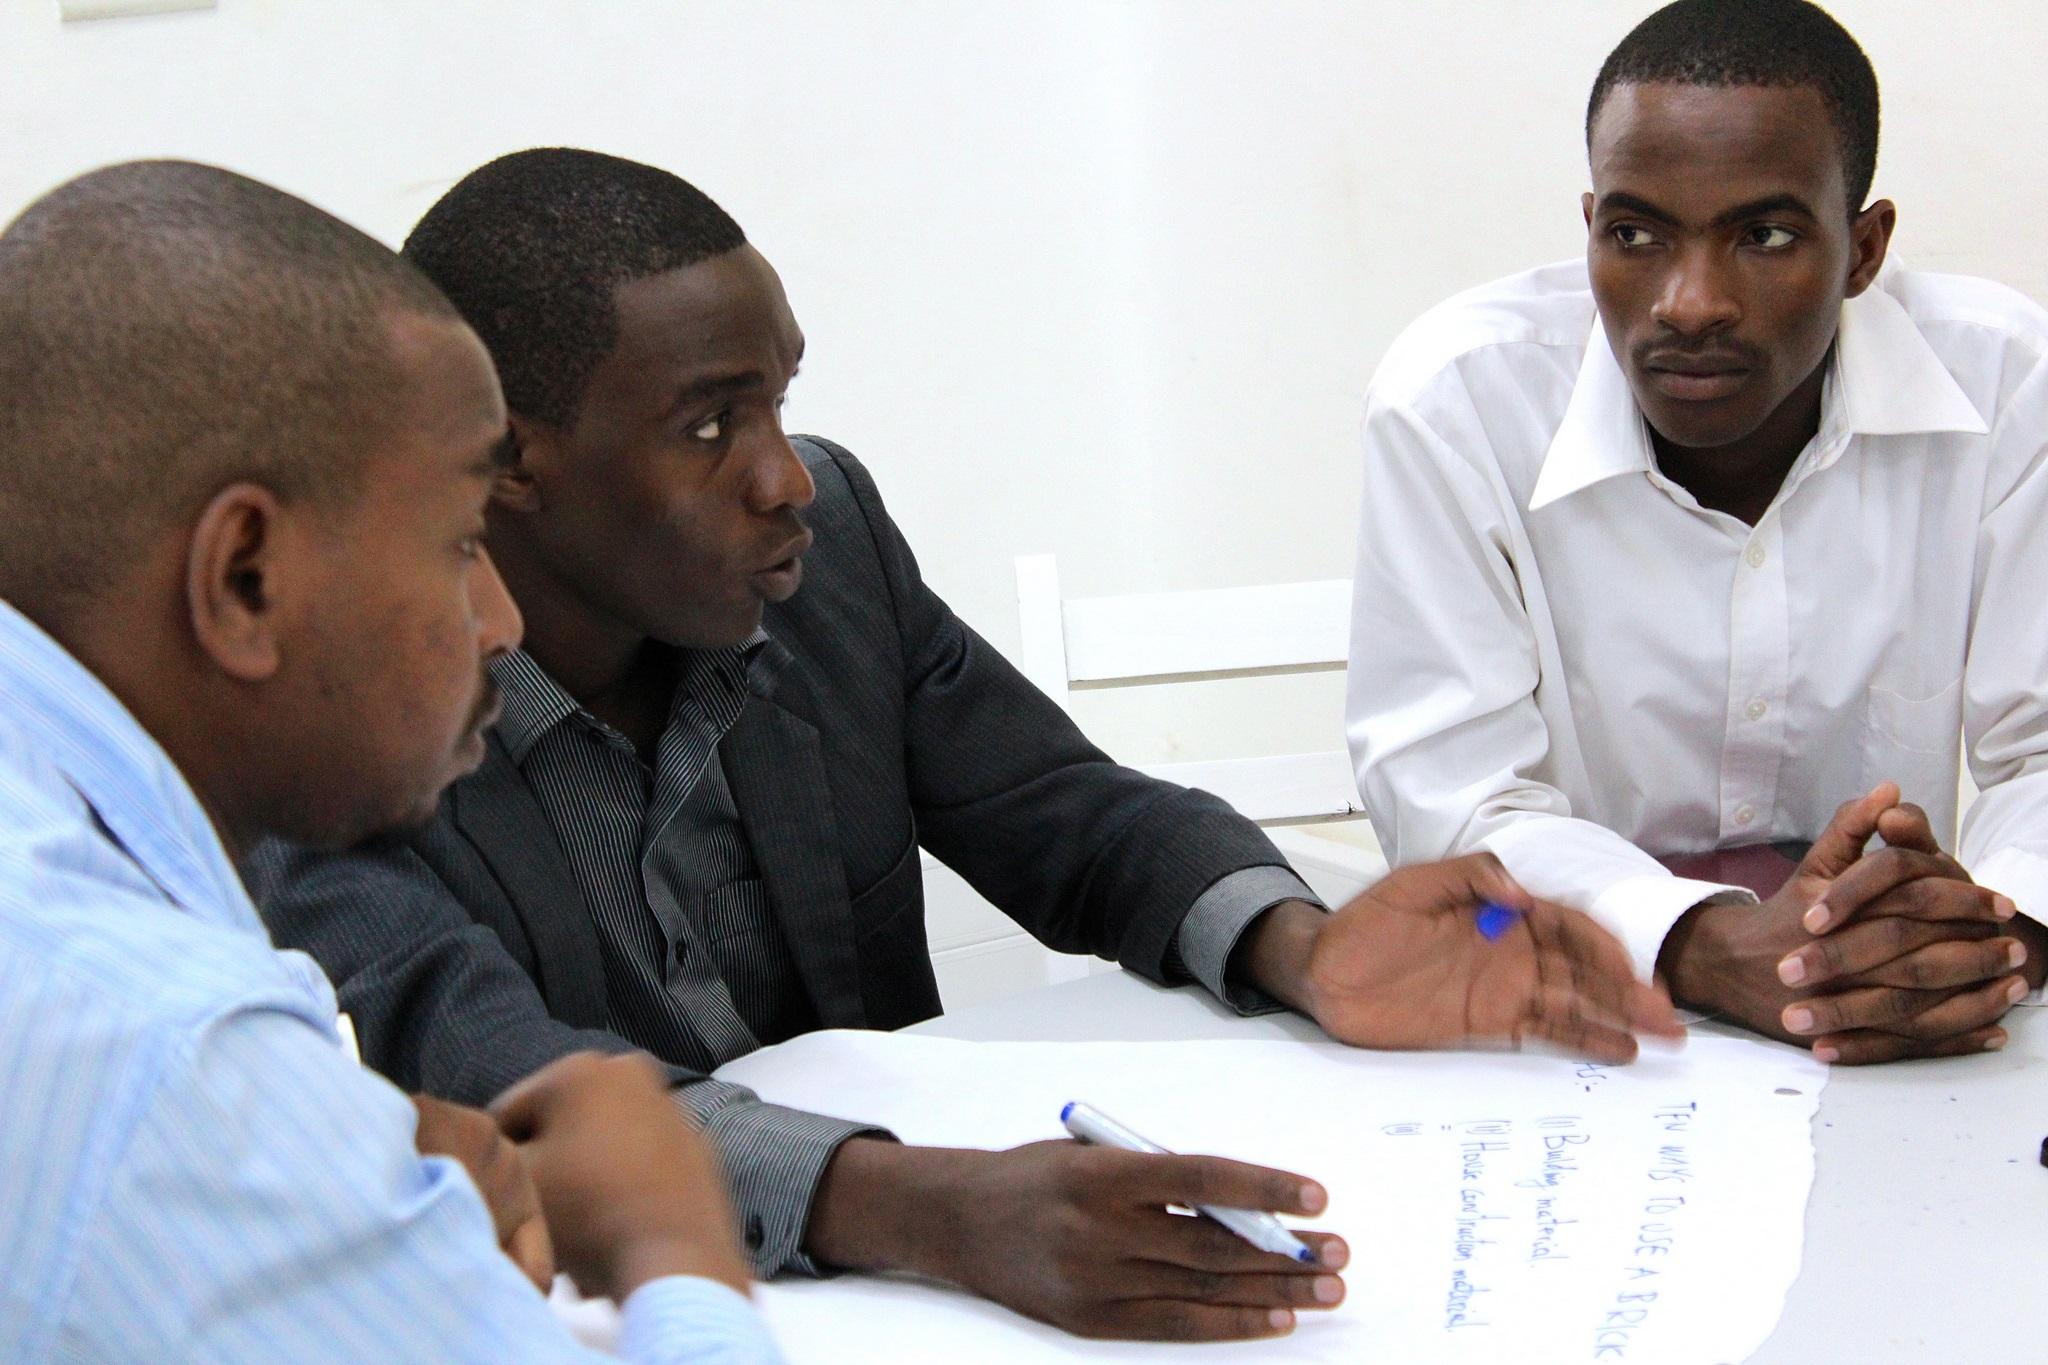 reussir-afrique-mode-d-emploi-jewanda-4